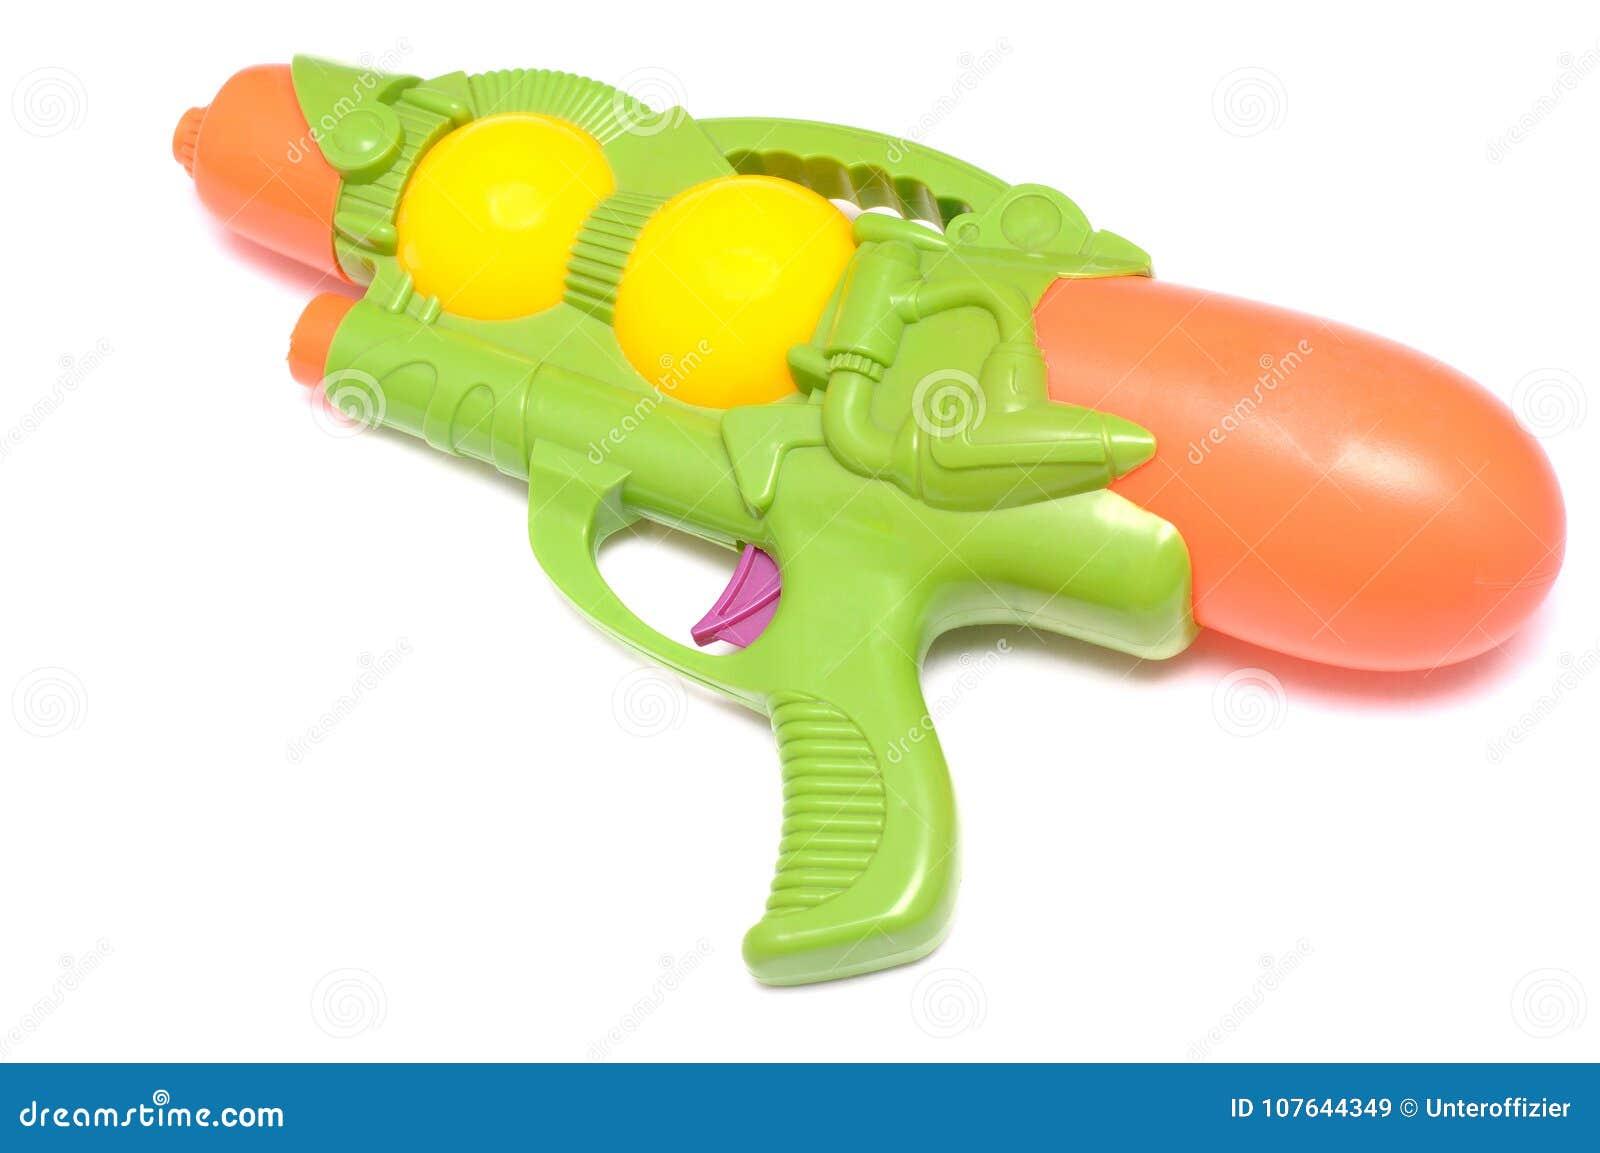 Grüner Spielzeugwasserwerfer gegen einen weißen Hintergrund